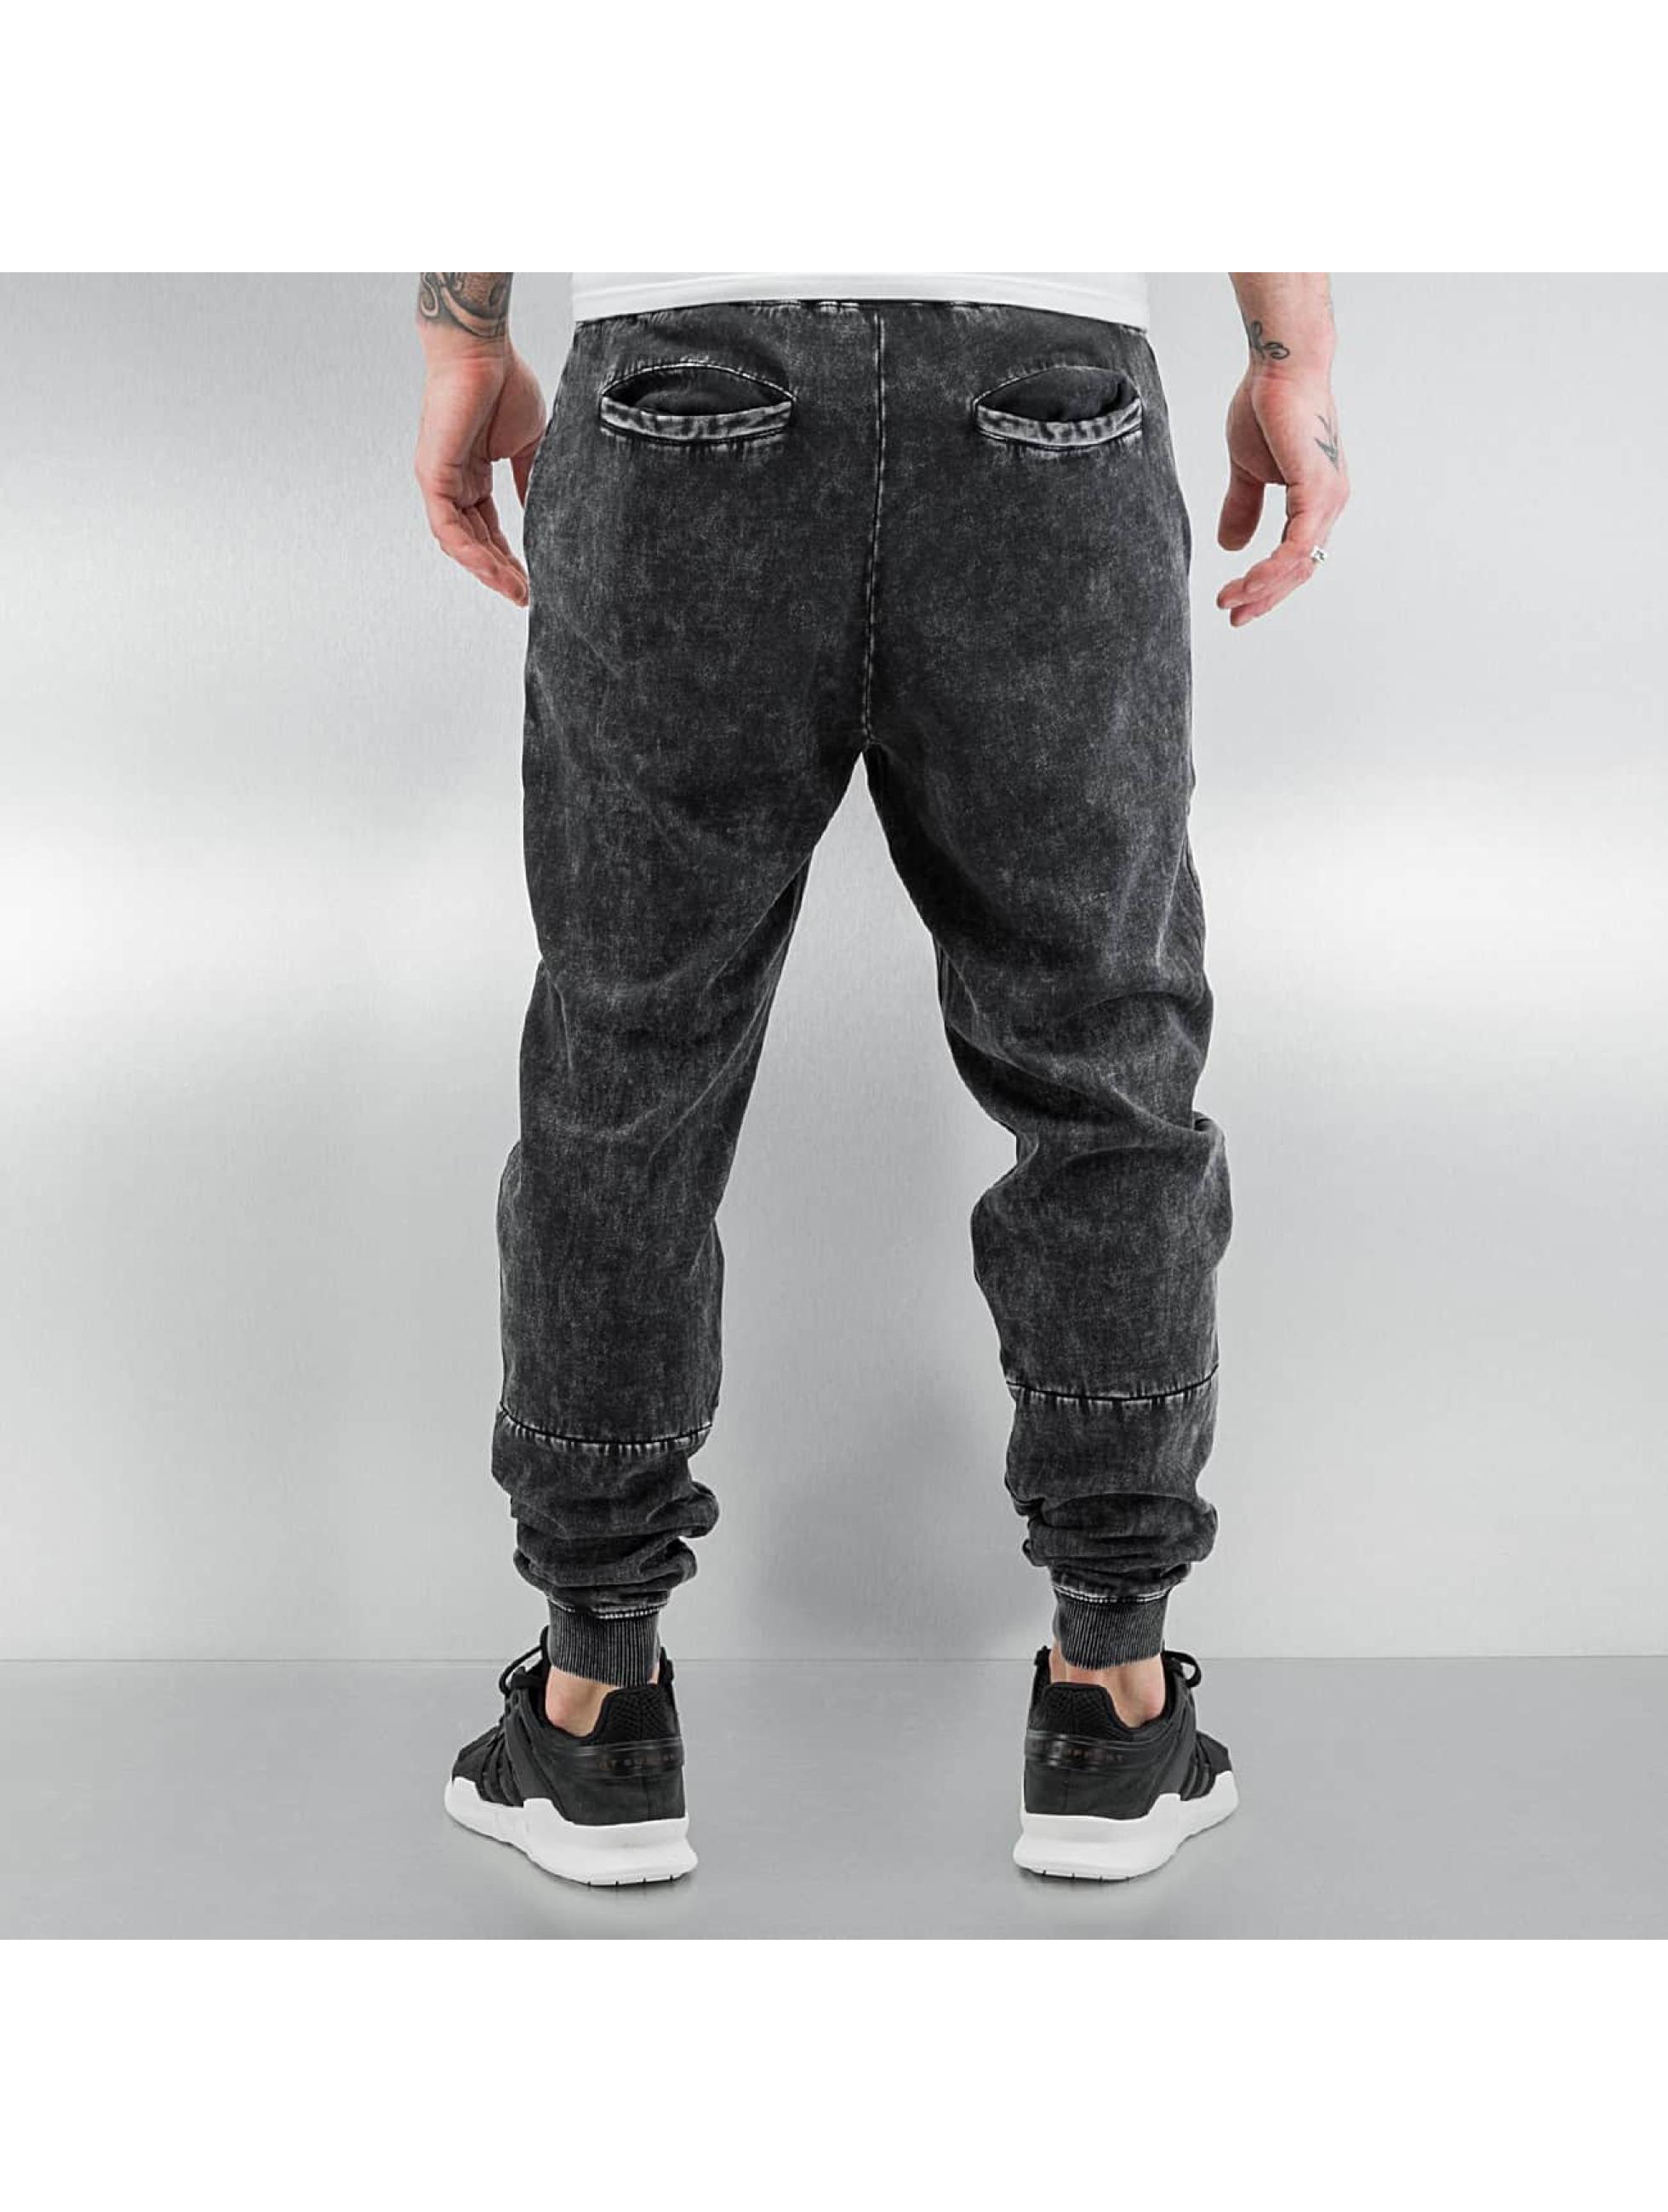 NEFF Sweat Pant Spaceman Swetz black